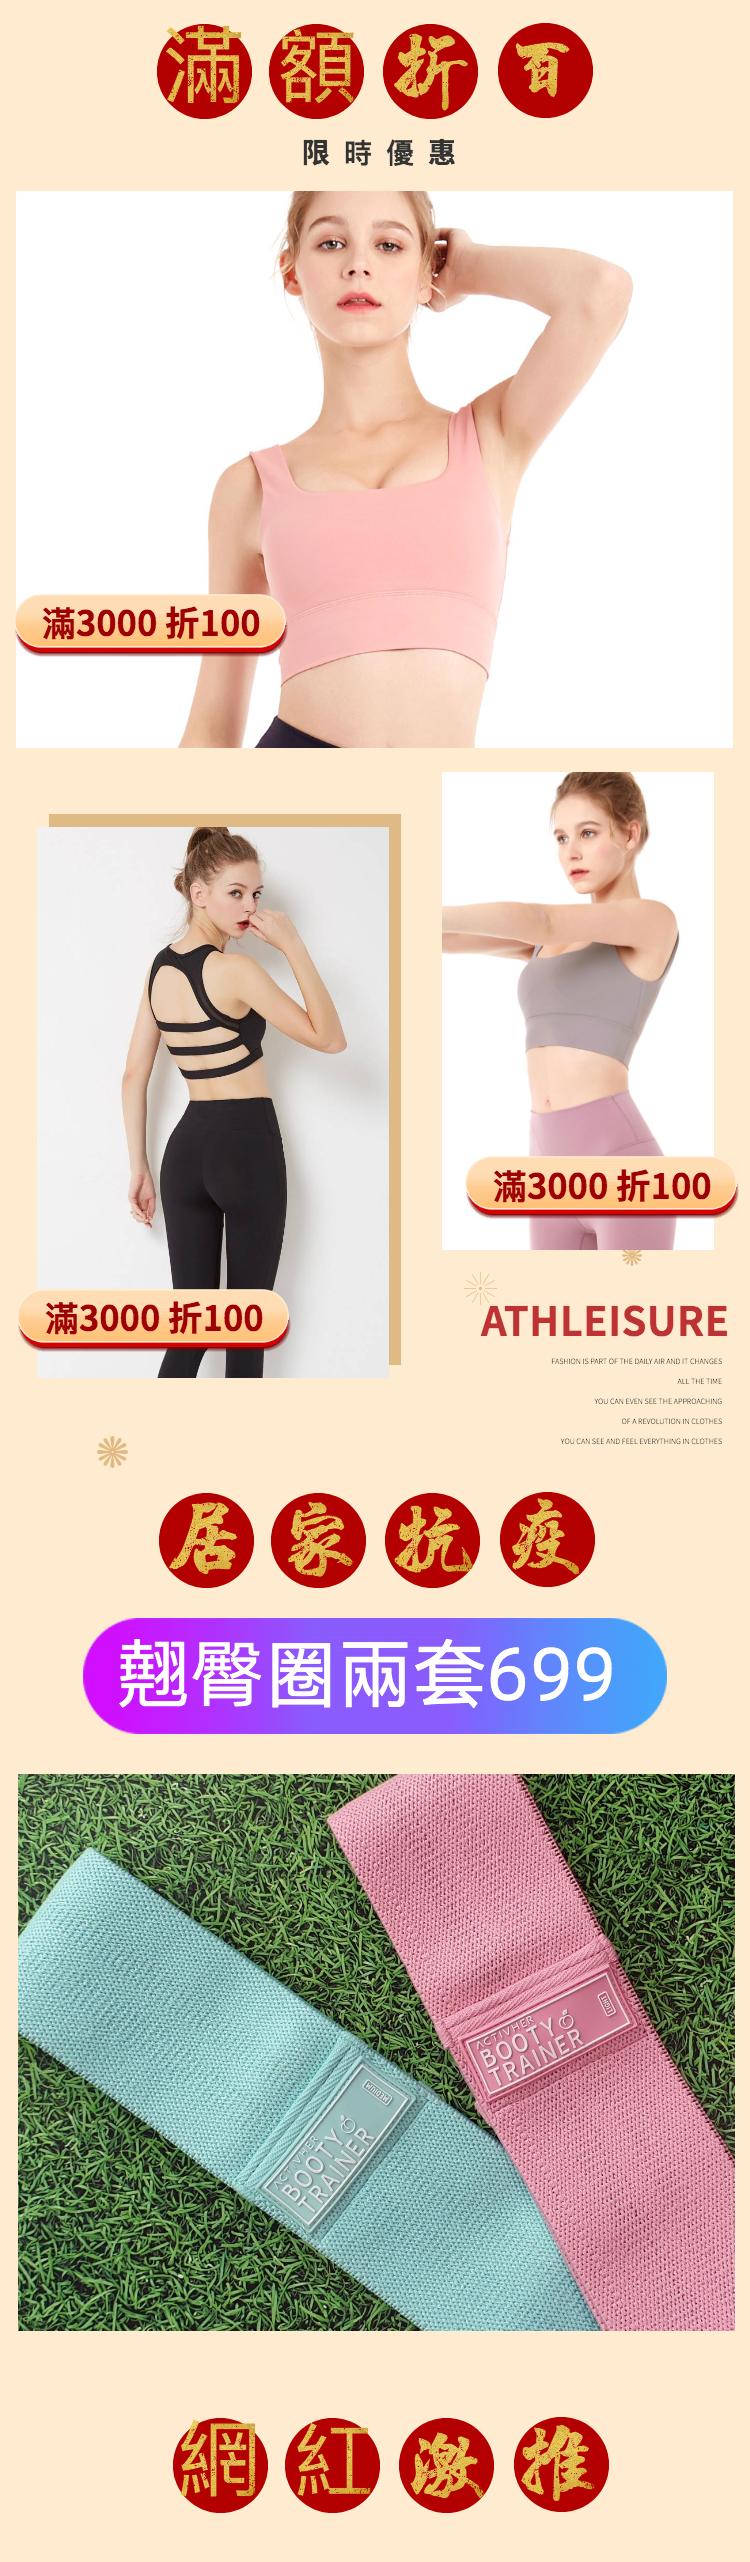 年货节-春节-新年-2020-官方活动-服装-女装-店铺首页-5